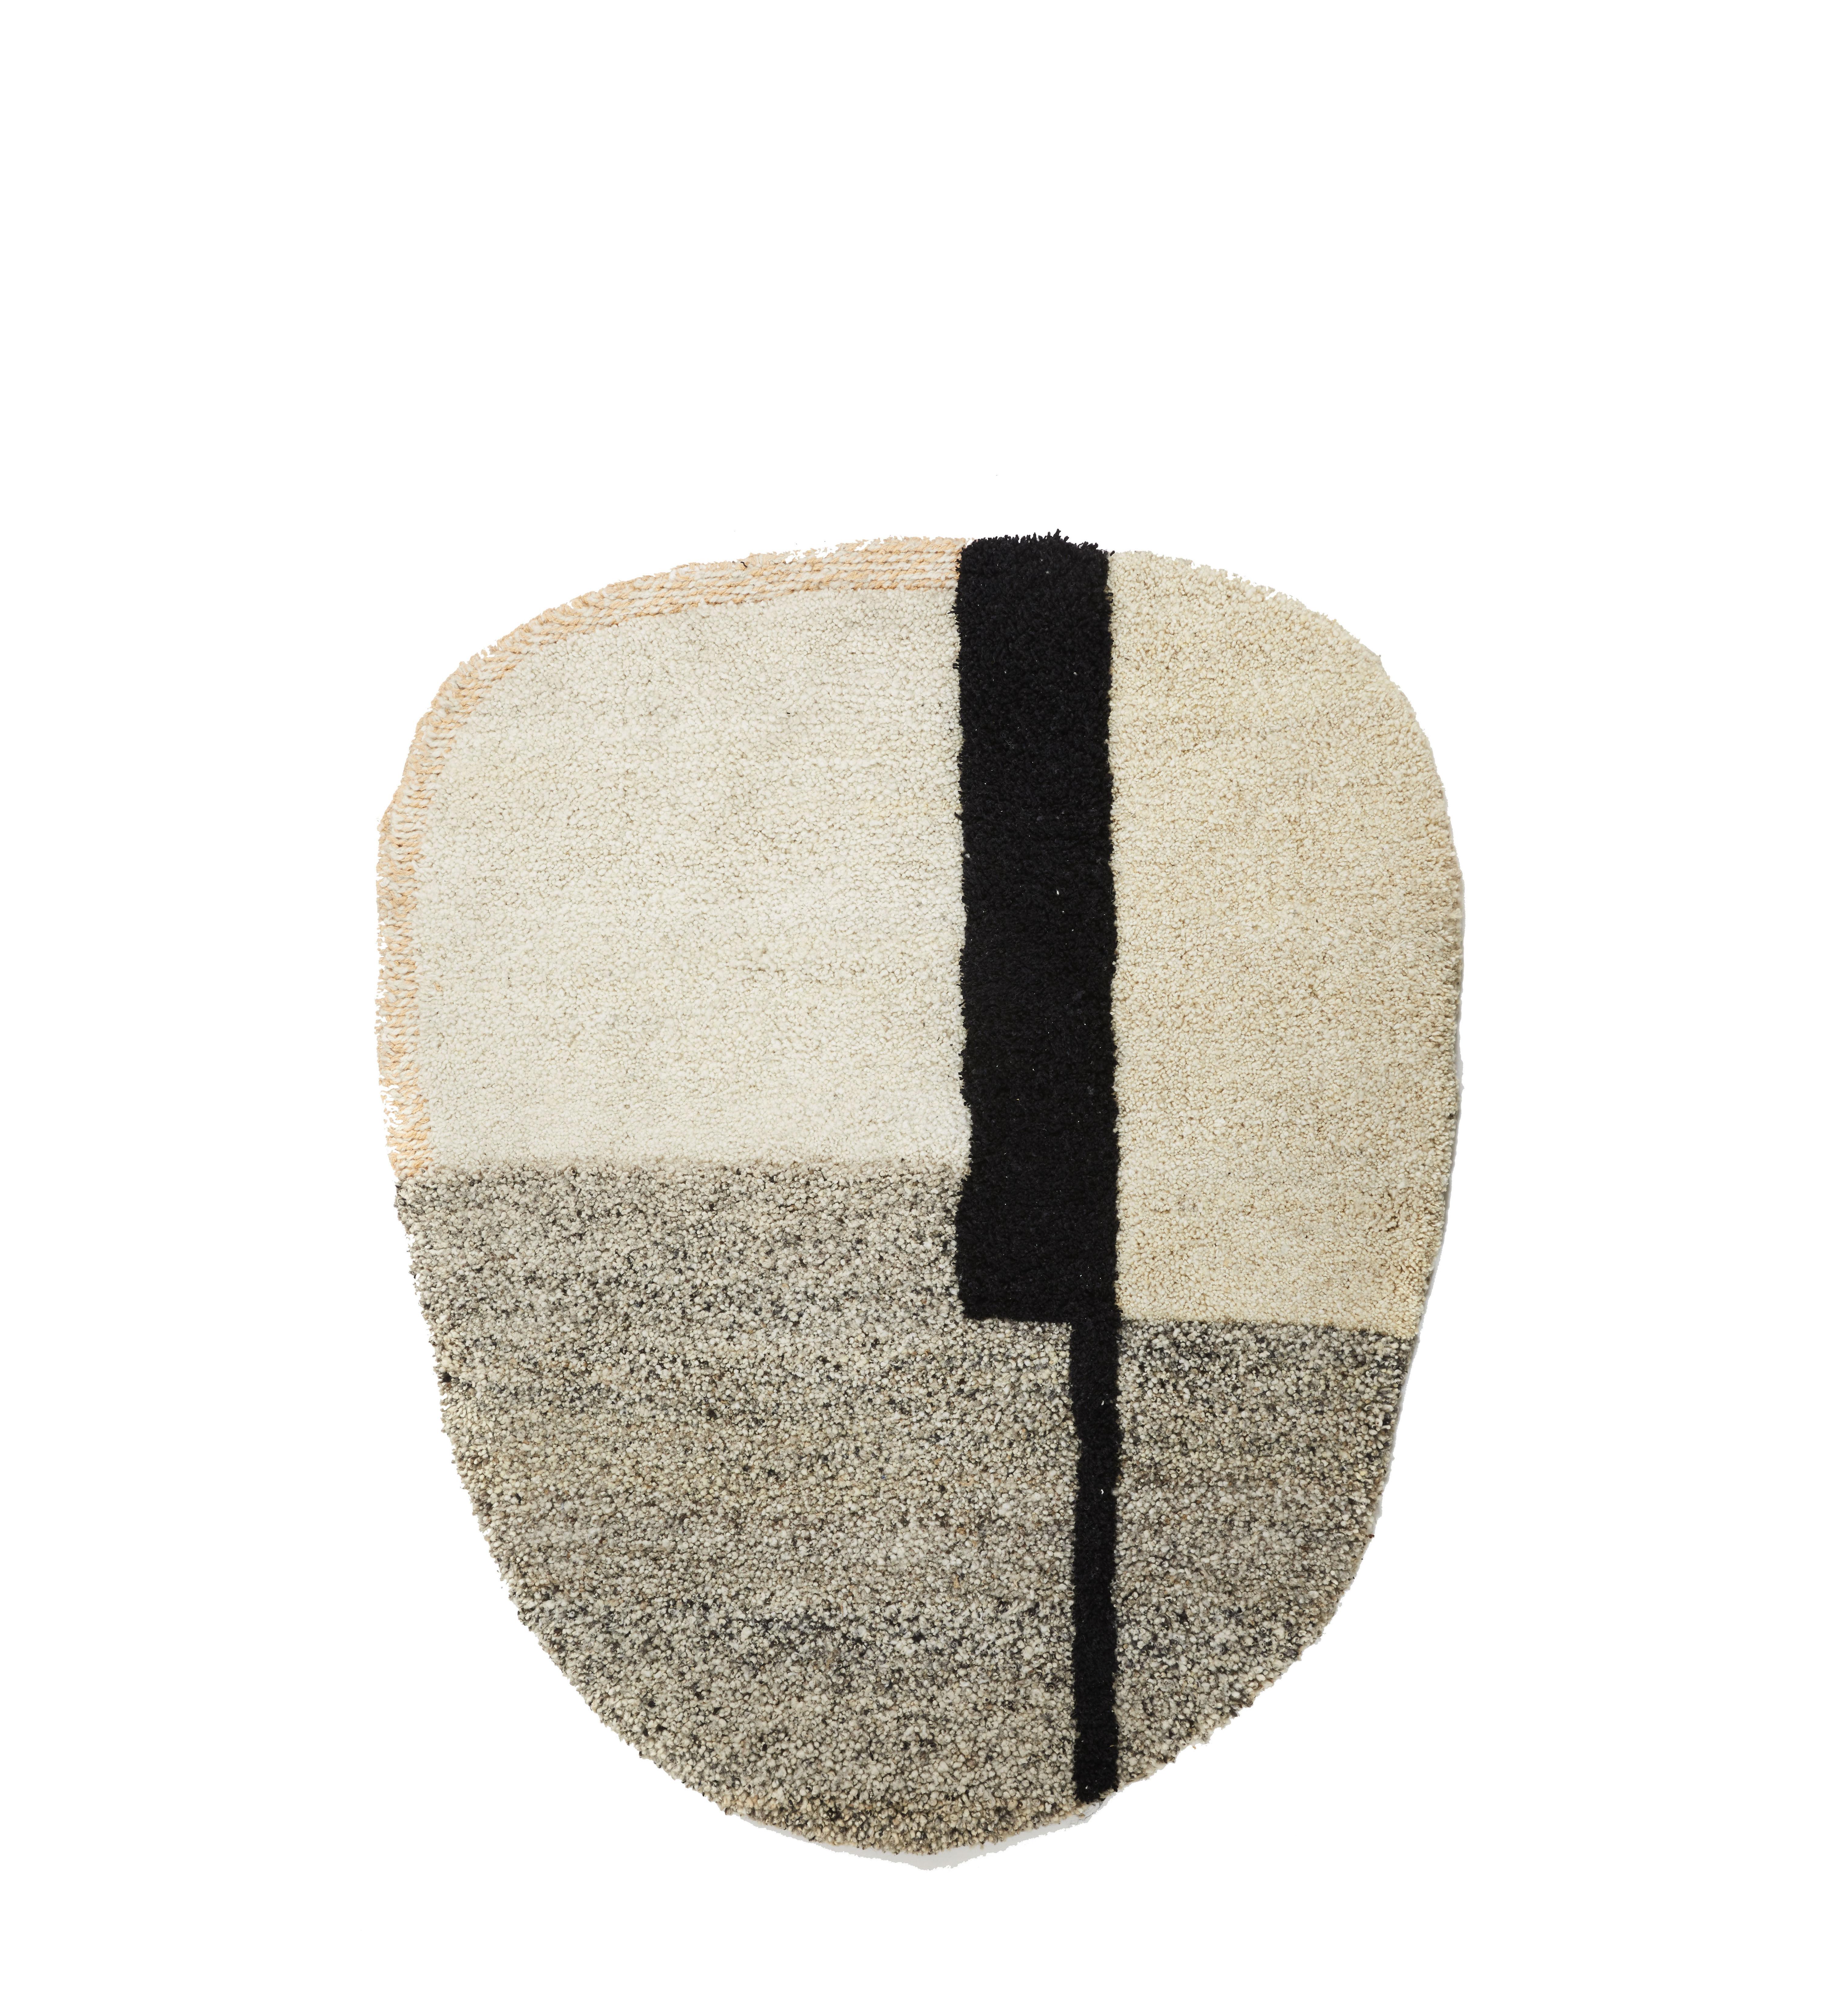 Interni - Tappeti - Tappeto Nudo Small - / 160 x 190 cm di ames - Bianco, beige & rosa - Laine vierge